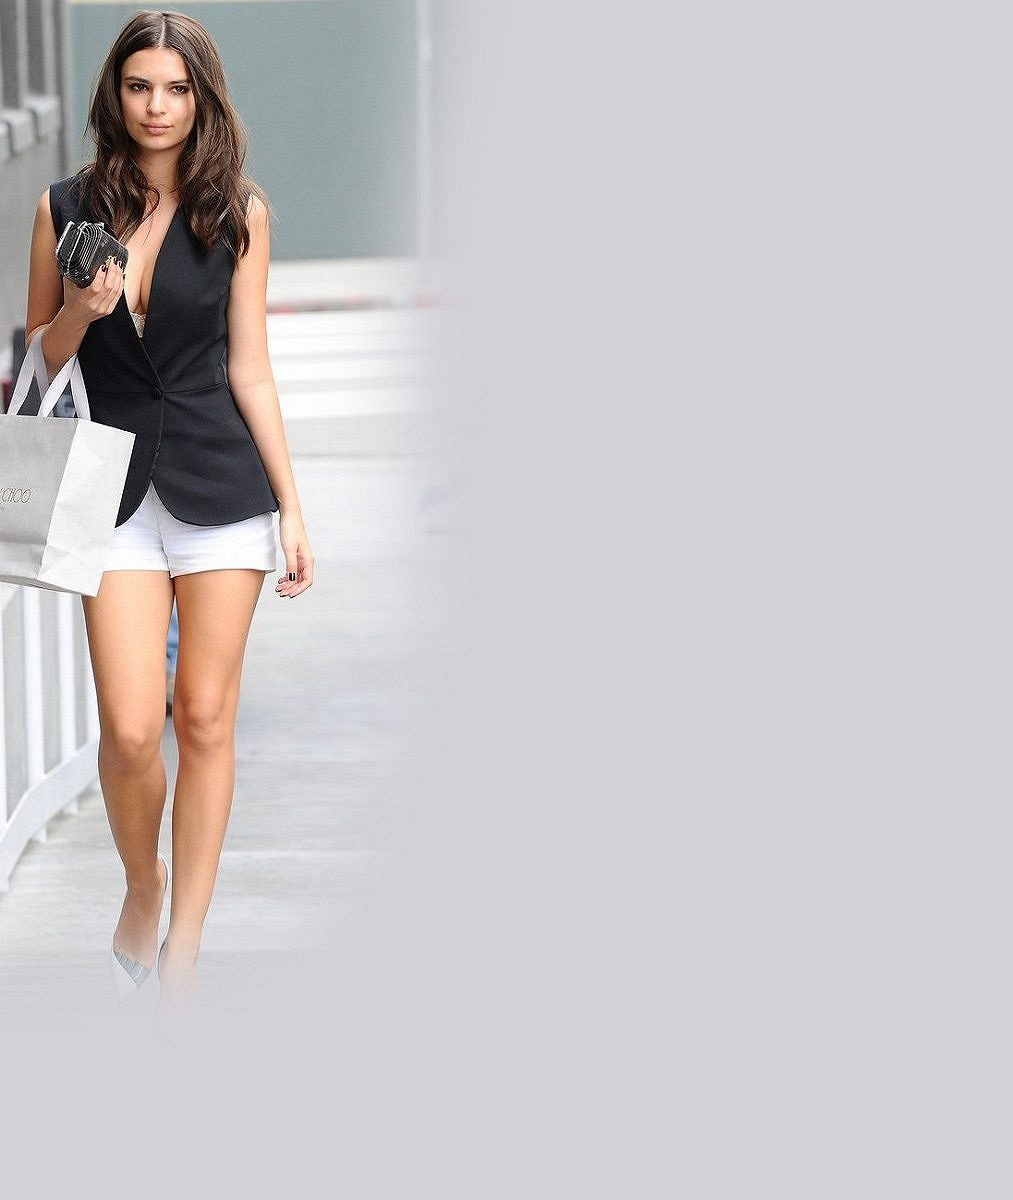 Kam dříve s očima? Sexy modelka lákala kolemjdoucí na odvážný dekolt i dokonalá stehýnka v šortkách